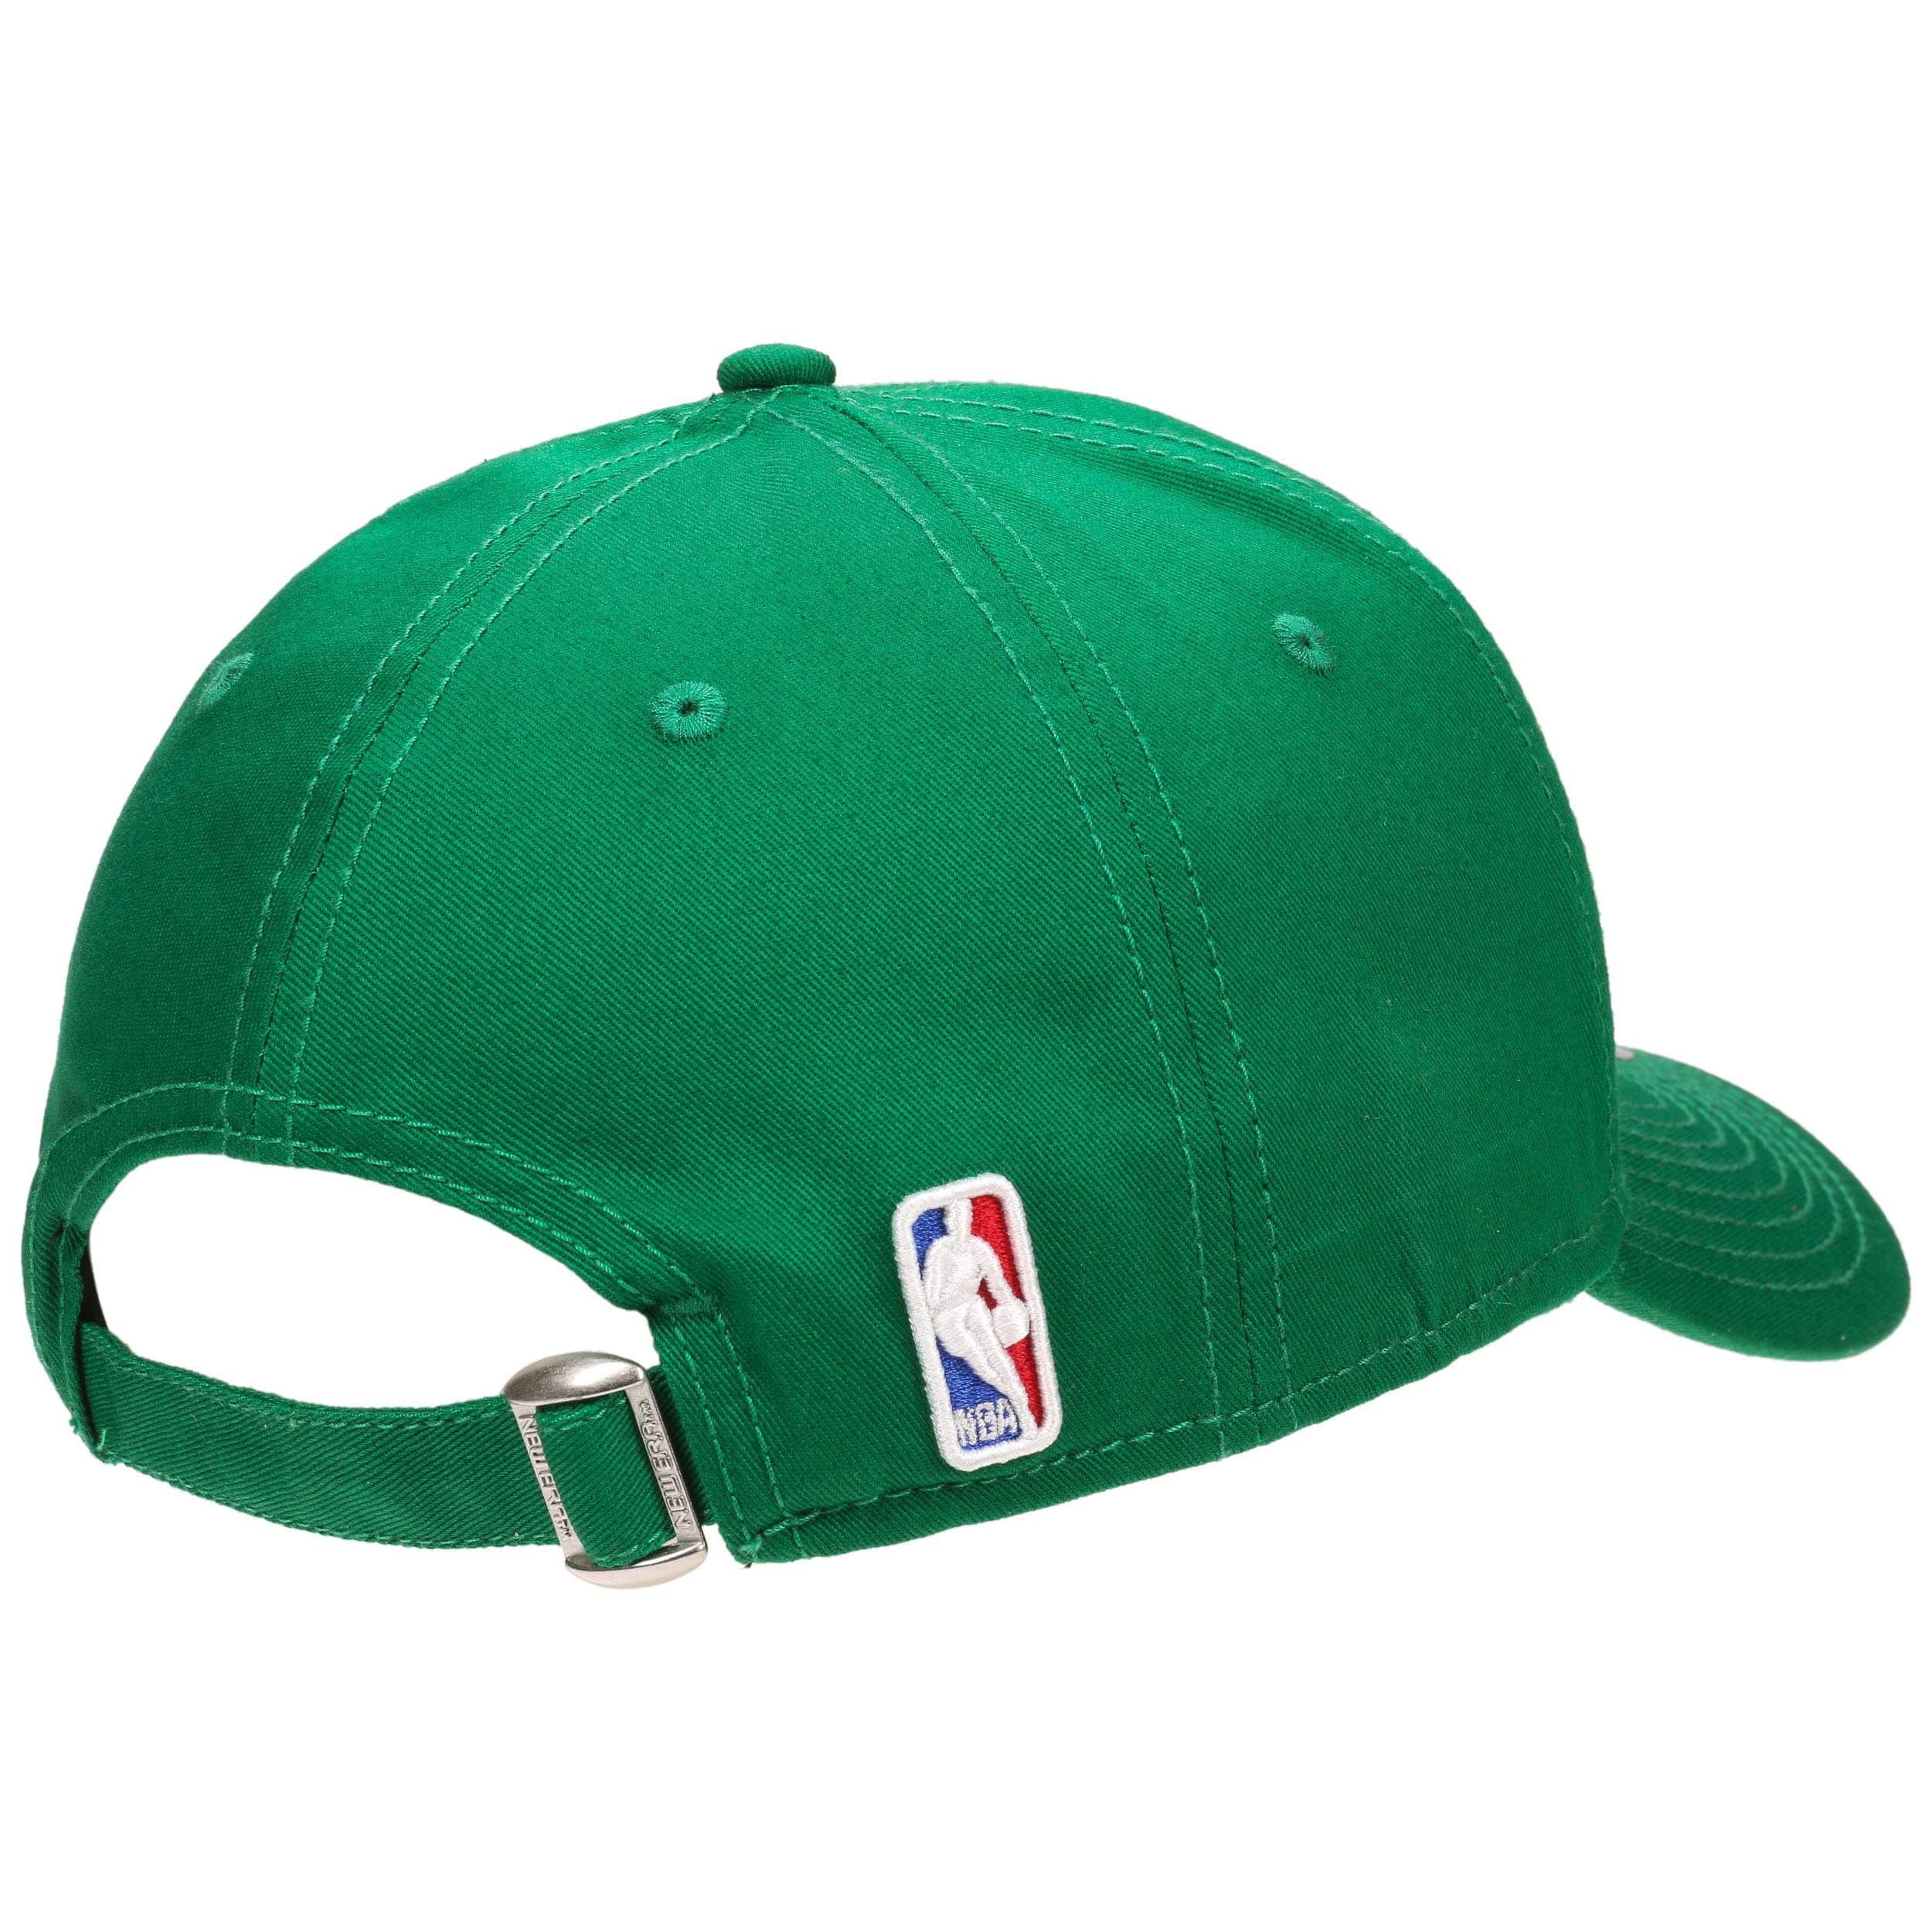 f99d7a65316f4 Gorra 9Forty Boston Celtics by New Era - Gorras - sombreroshop.es